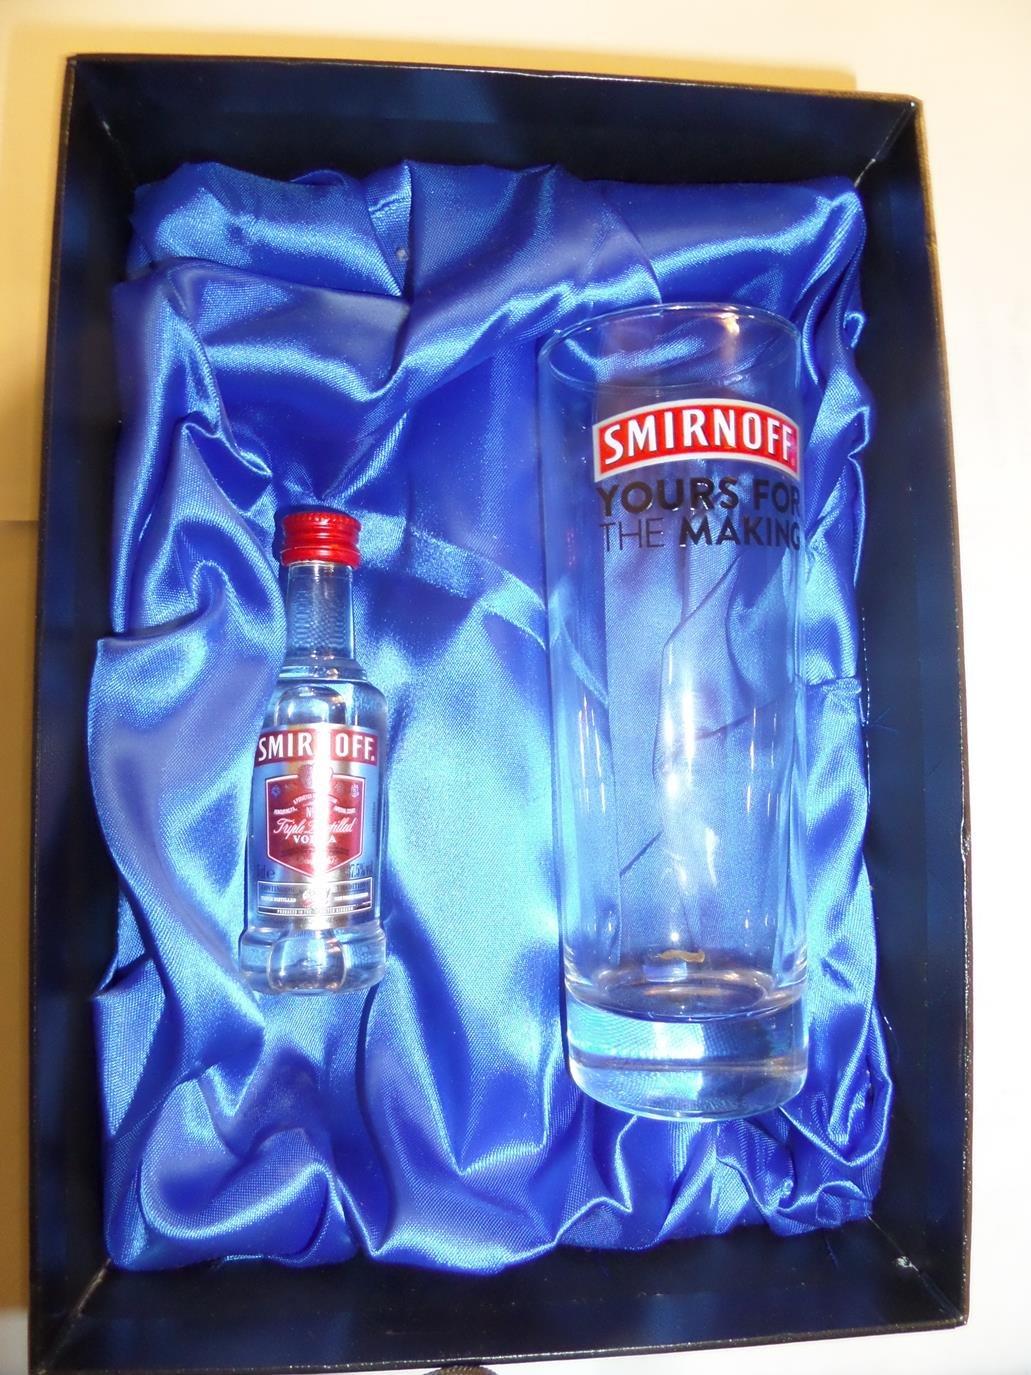 Juego de Vodka Smirnoff personalizada con 10 oz Smirnoff juego de vasos altos cristal y miniatura de botella de Vodka Smirnoff incluye grabado hasta 30 ...